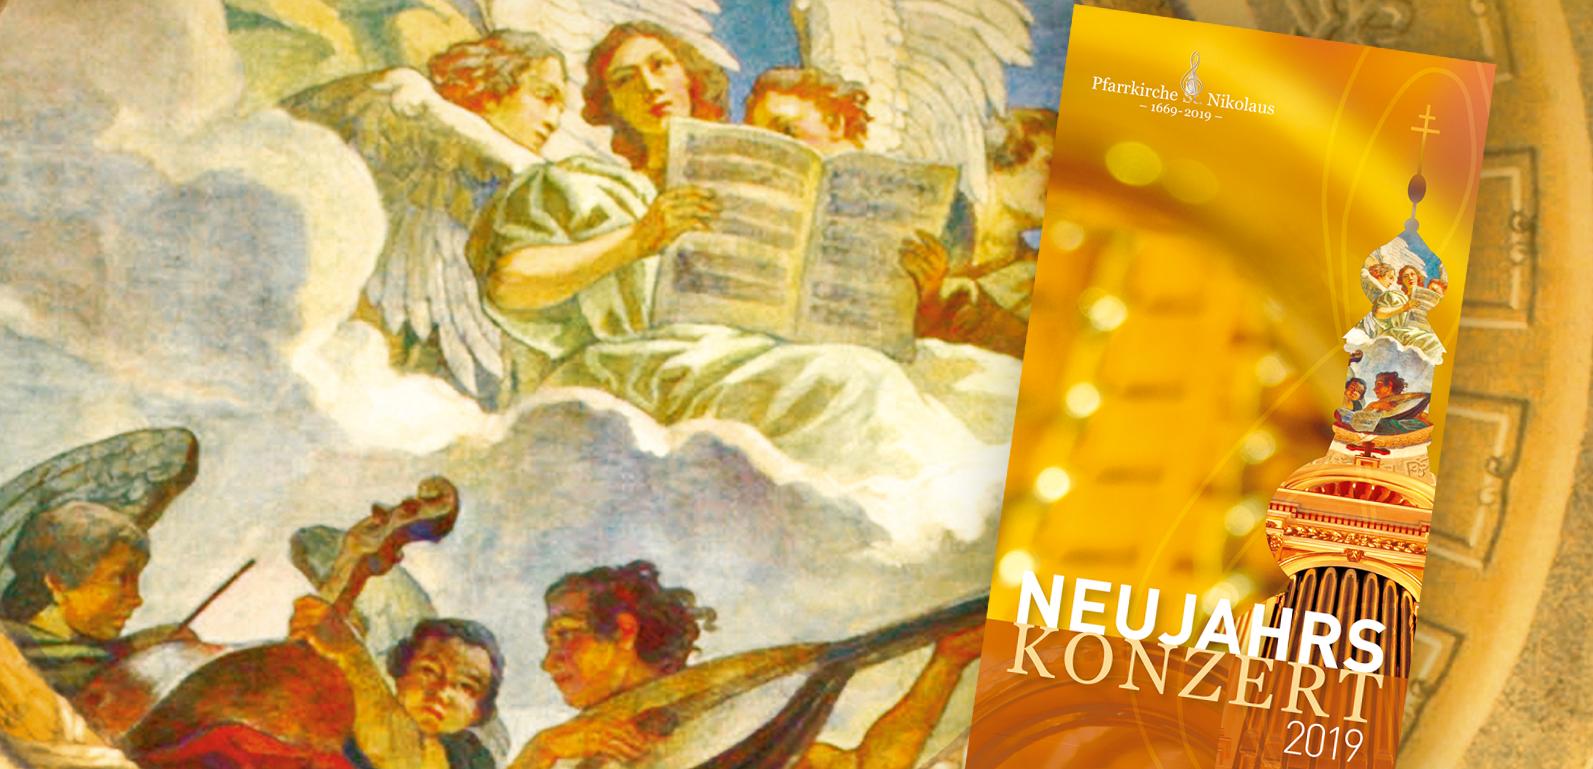 NeujahrsKonzert zum Jubiläum 350 Jahre Pfarrkirche Lockenhaus